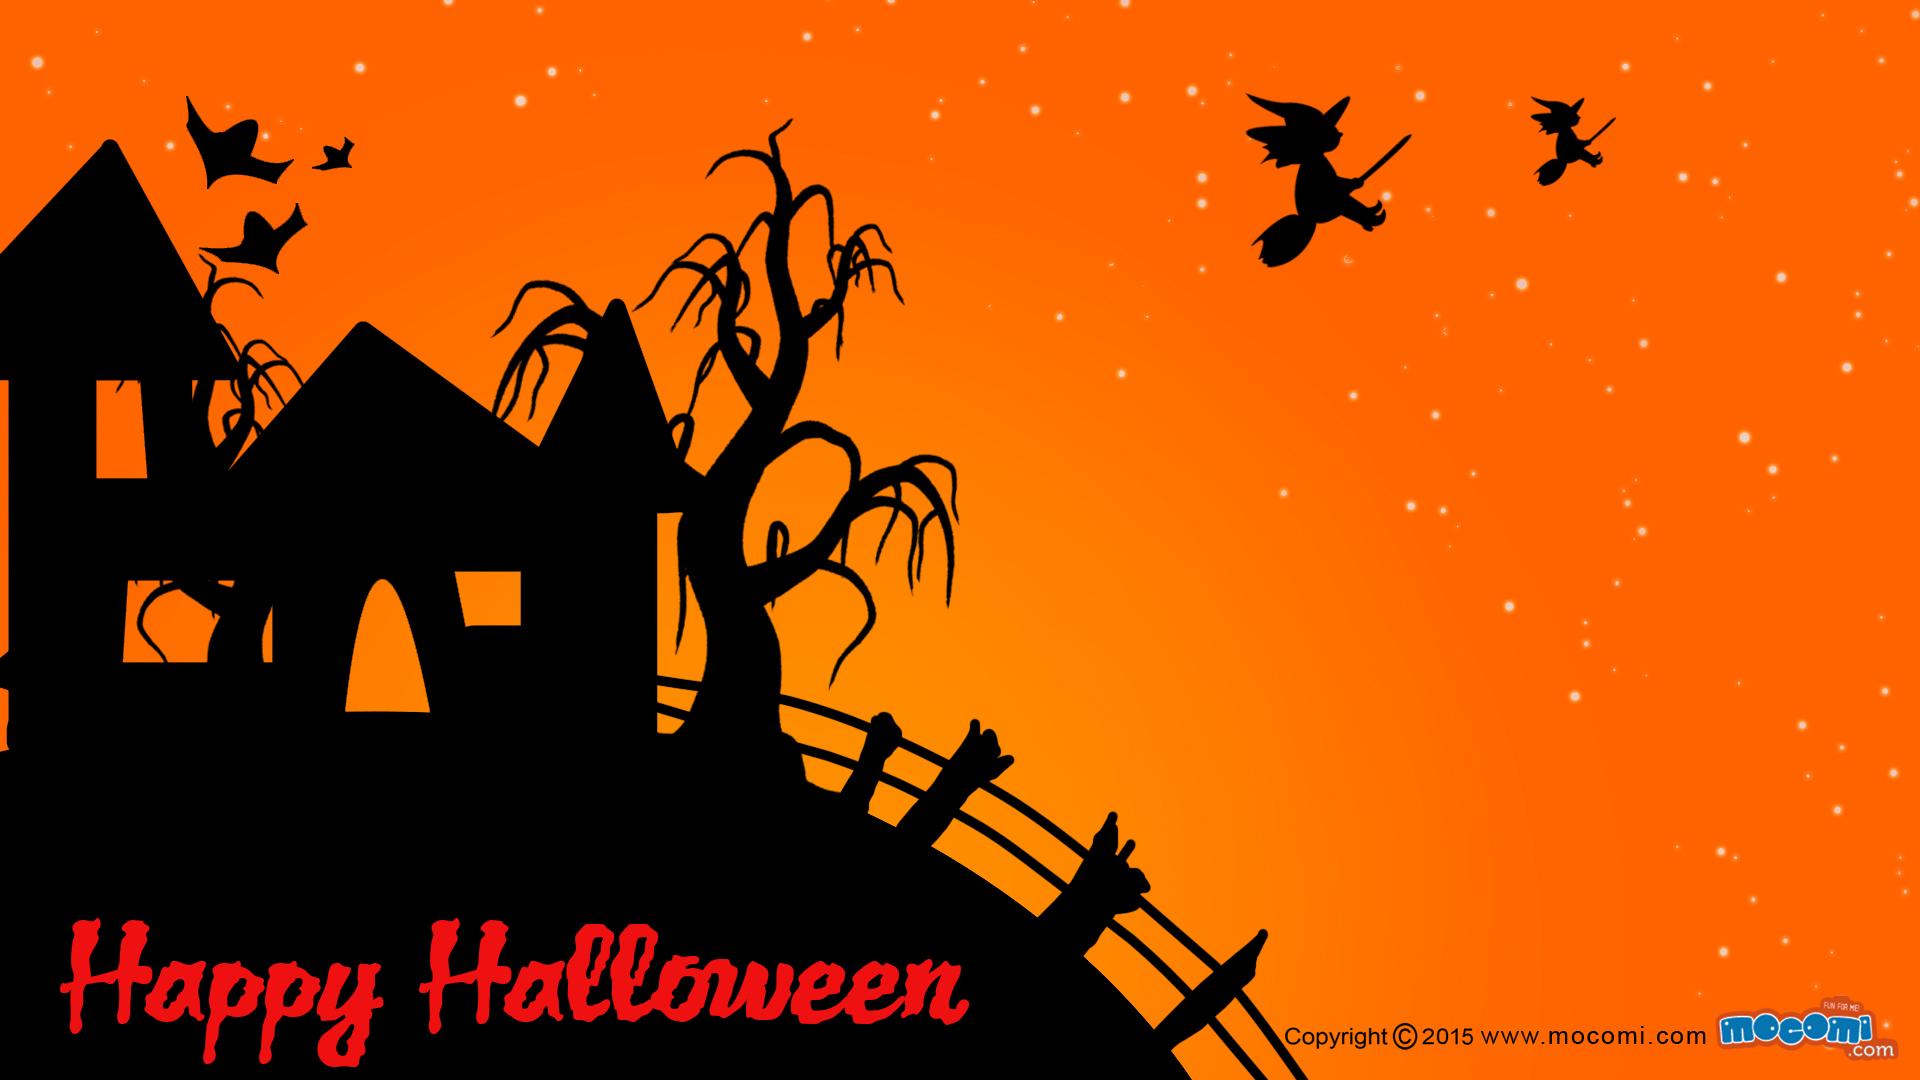 Happy Halloween Wallpaper – 03